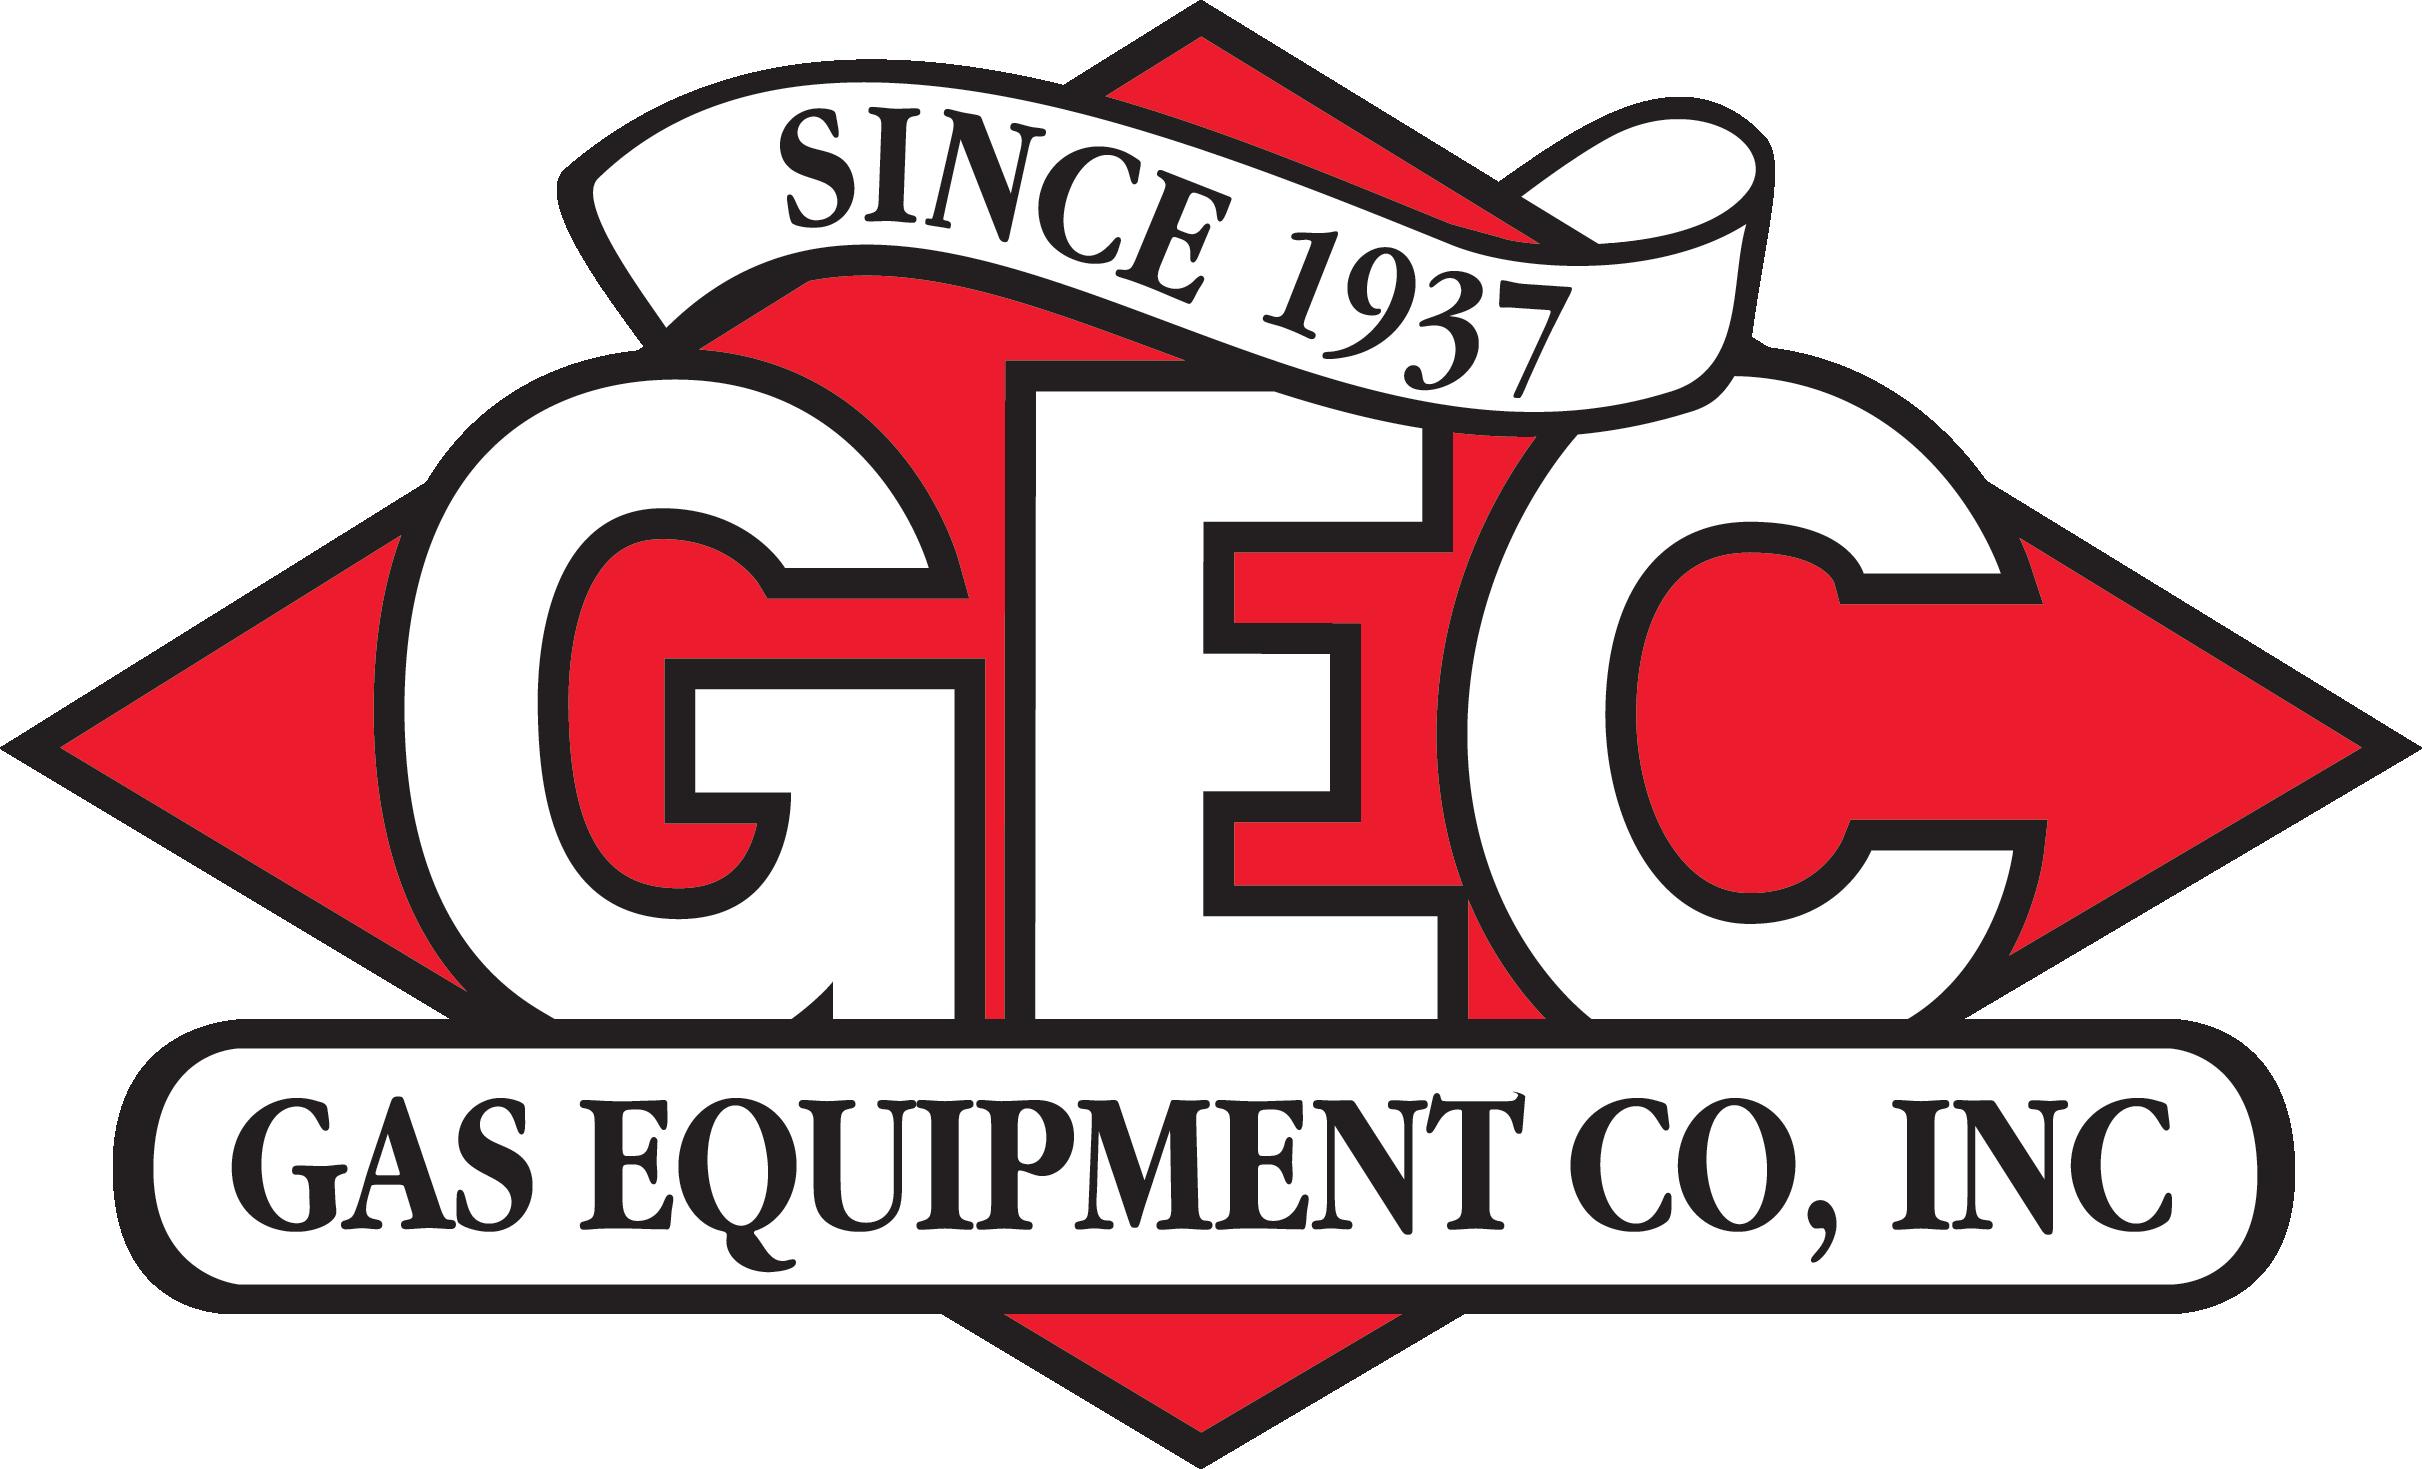 gasequipment